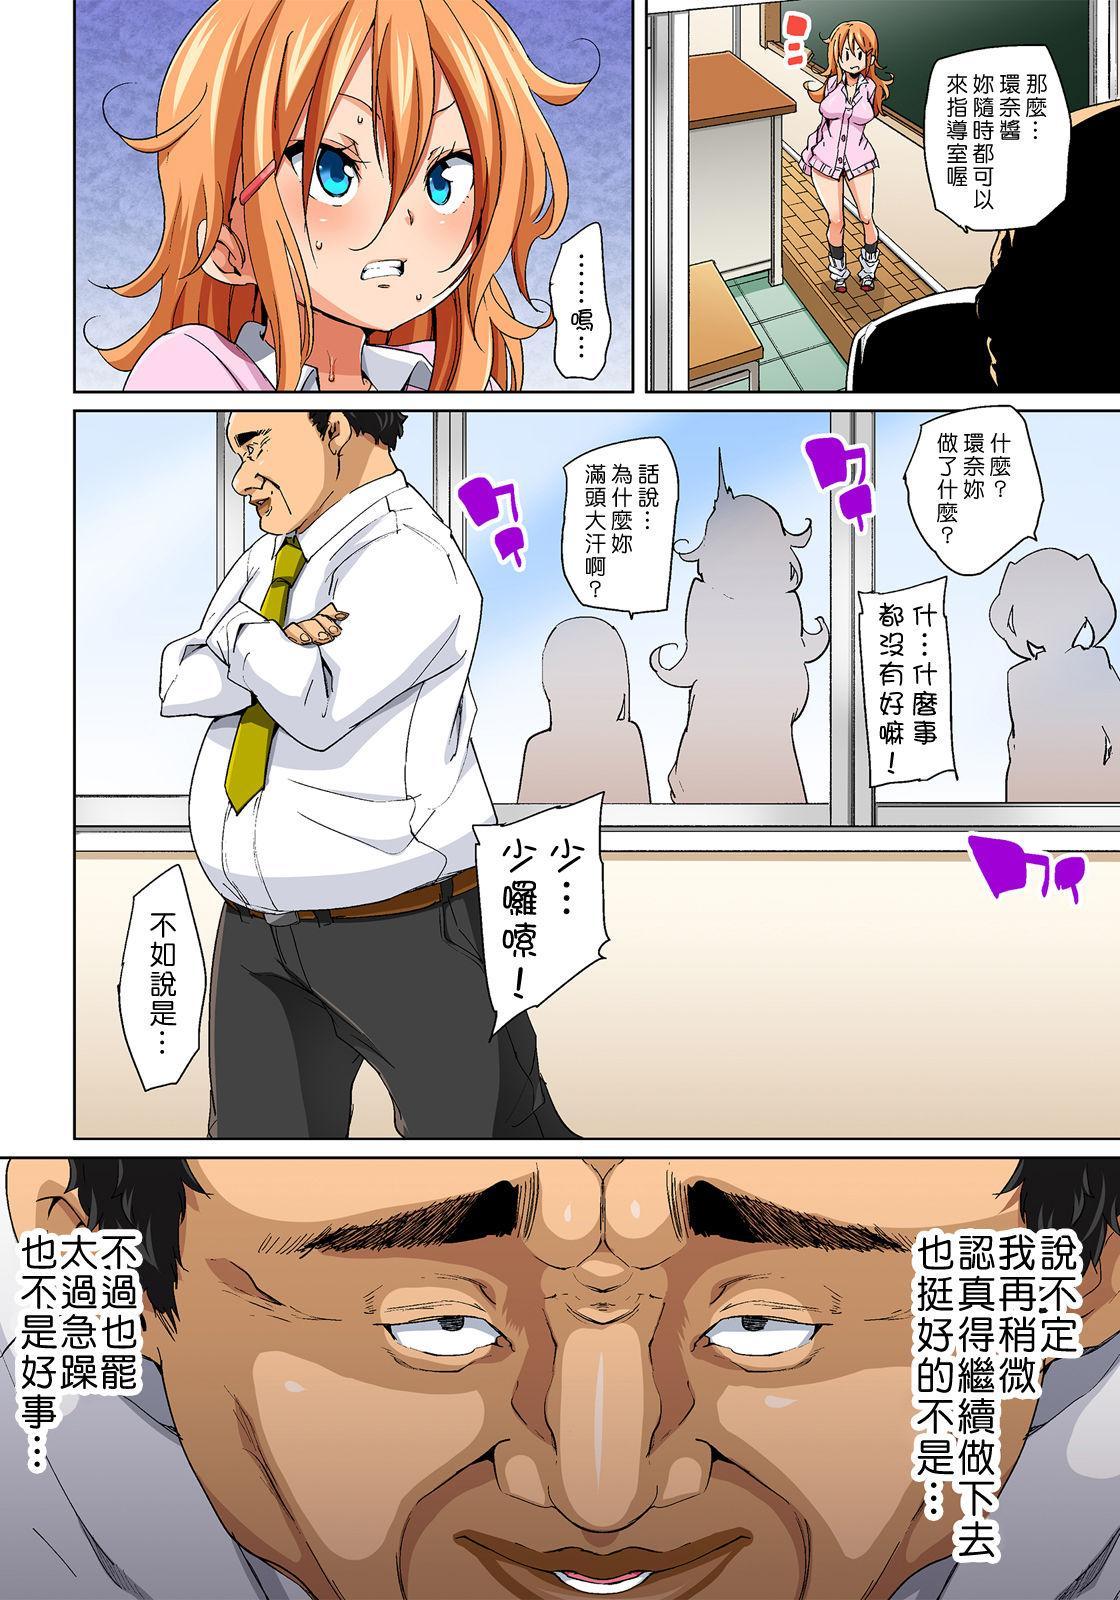 [Marui Maru] Hattara Yarechau!? Ero Seal ~Wagamama JK no Asoko o Tatta 1-mai de Dorei ni~ 1-20 [Chinese] [Den個人漢化] [Digital] 165